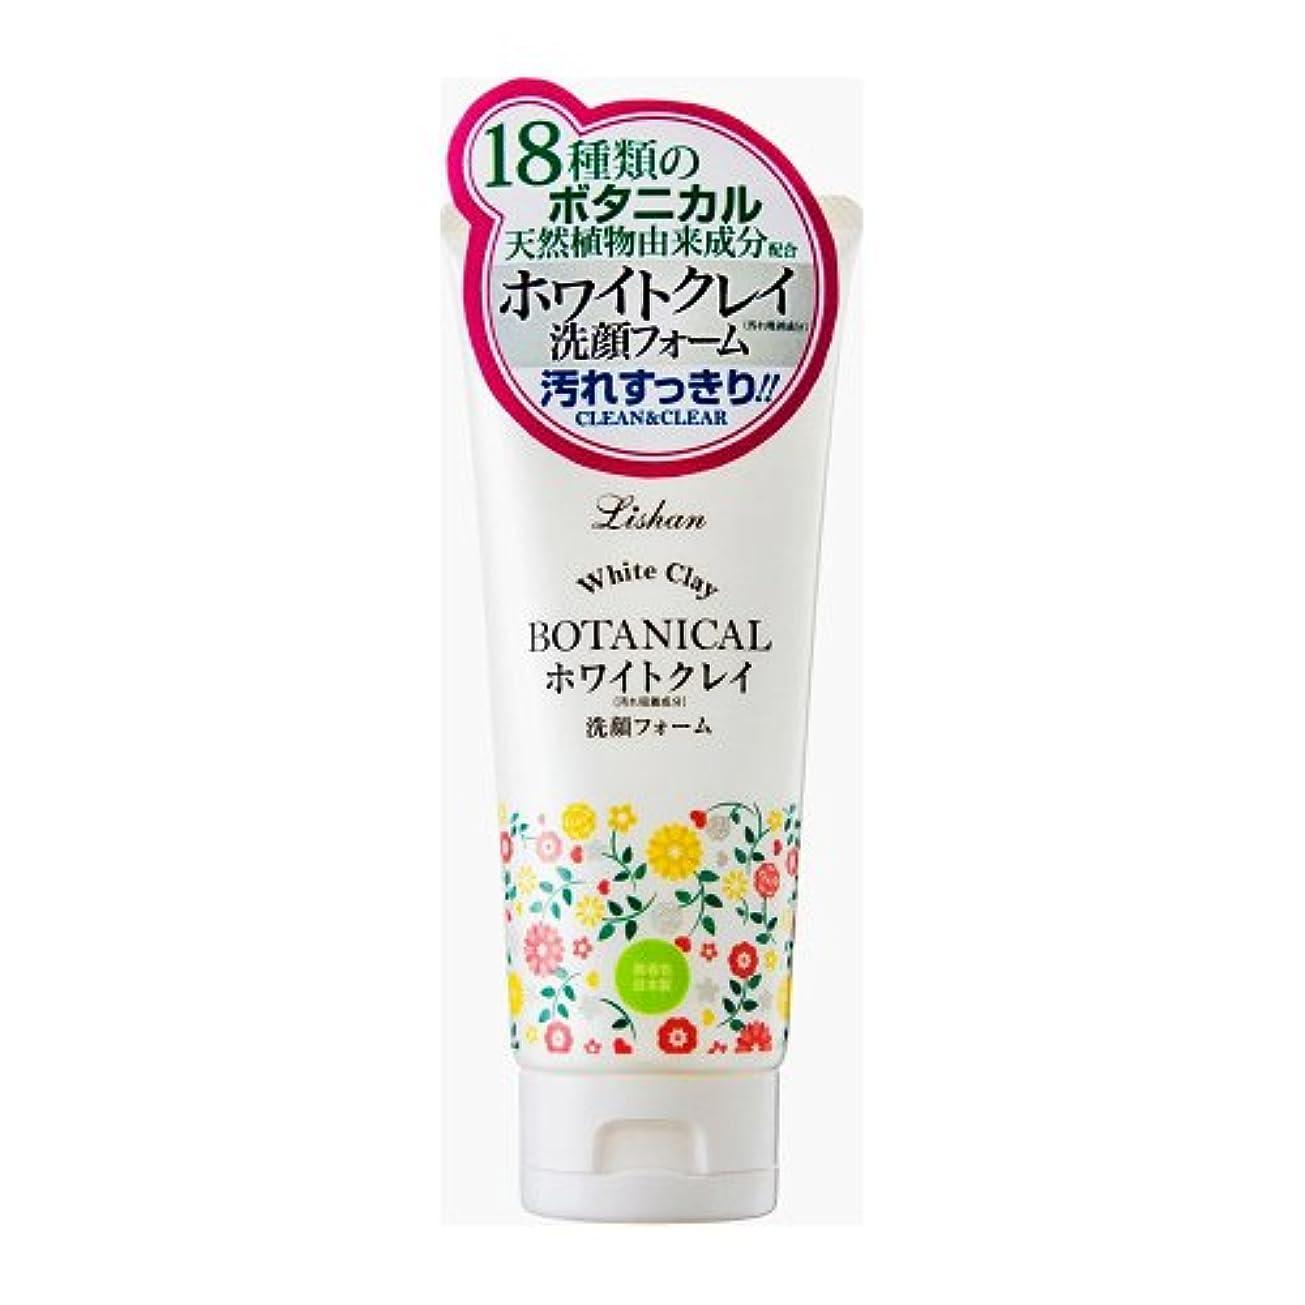 敬意を表して低い舗装するリシャン ホワイトクレイ洗顔フォーム (フレッシュハーブの香り) (130g)